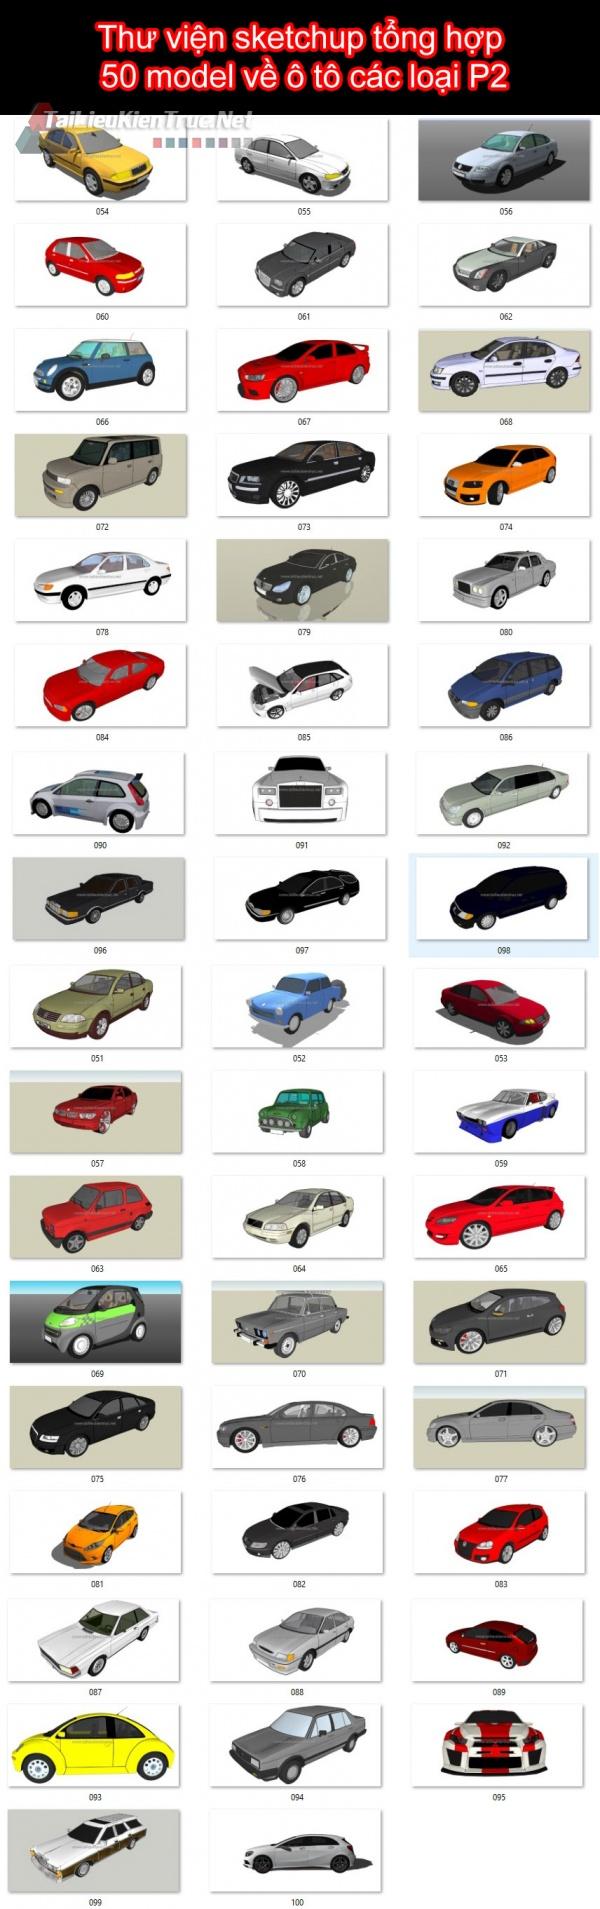 Thư viện sketchup tổng hợp 50 model về ô tô các loại P2